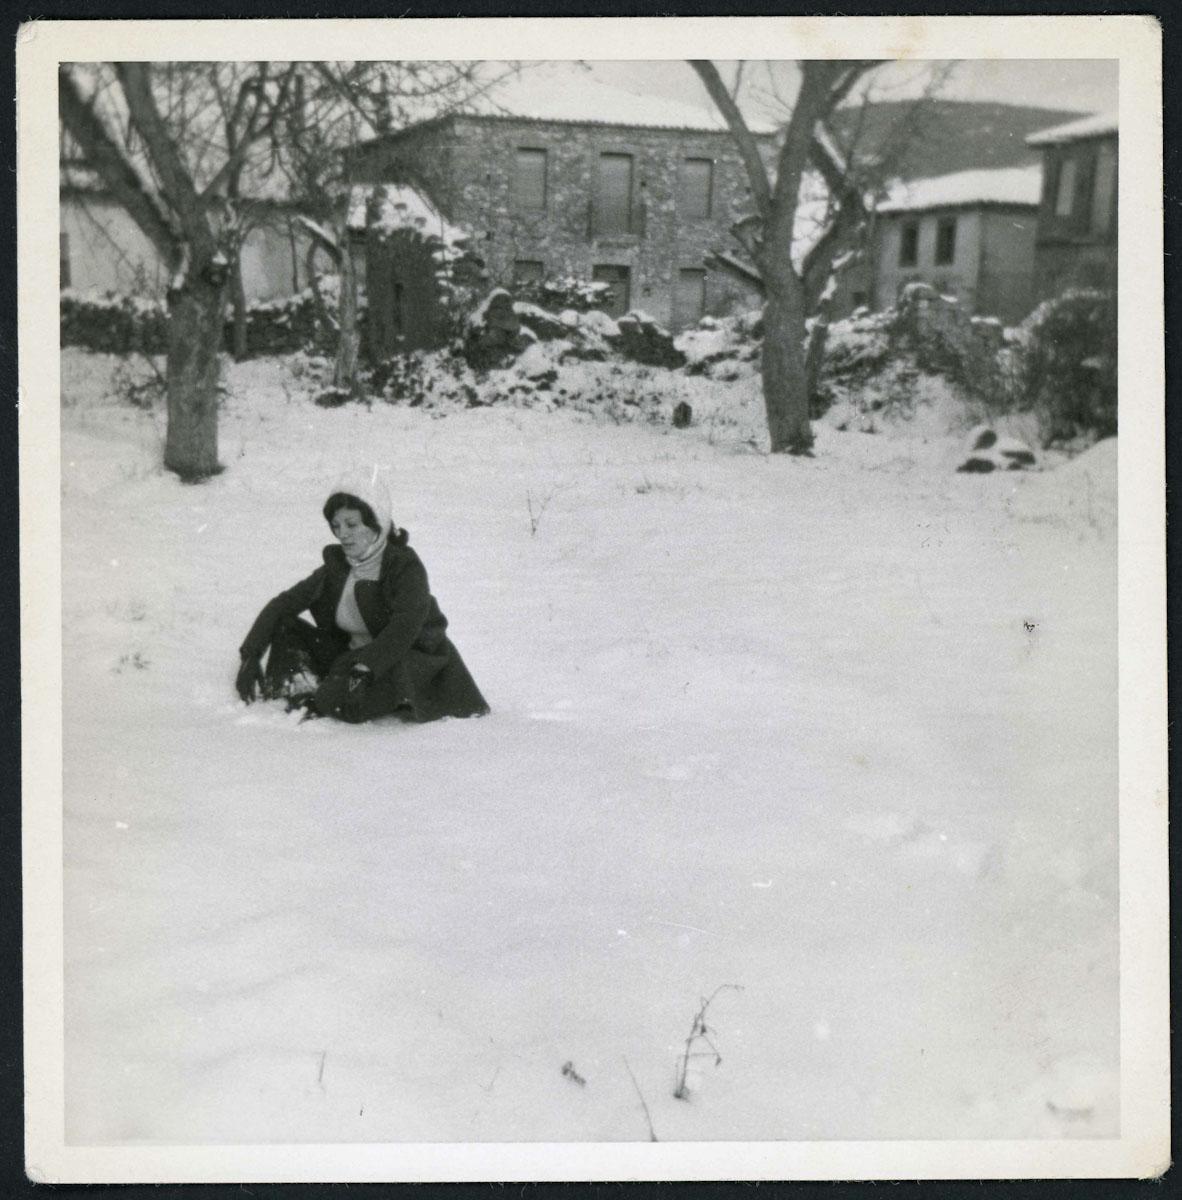 Inés Escapa en una huerta nevada en Lugán